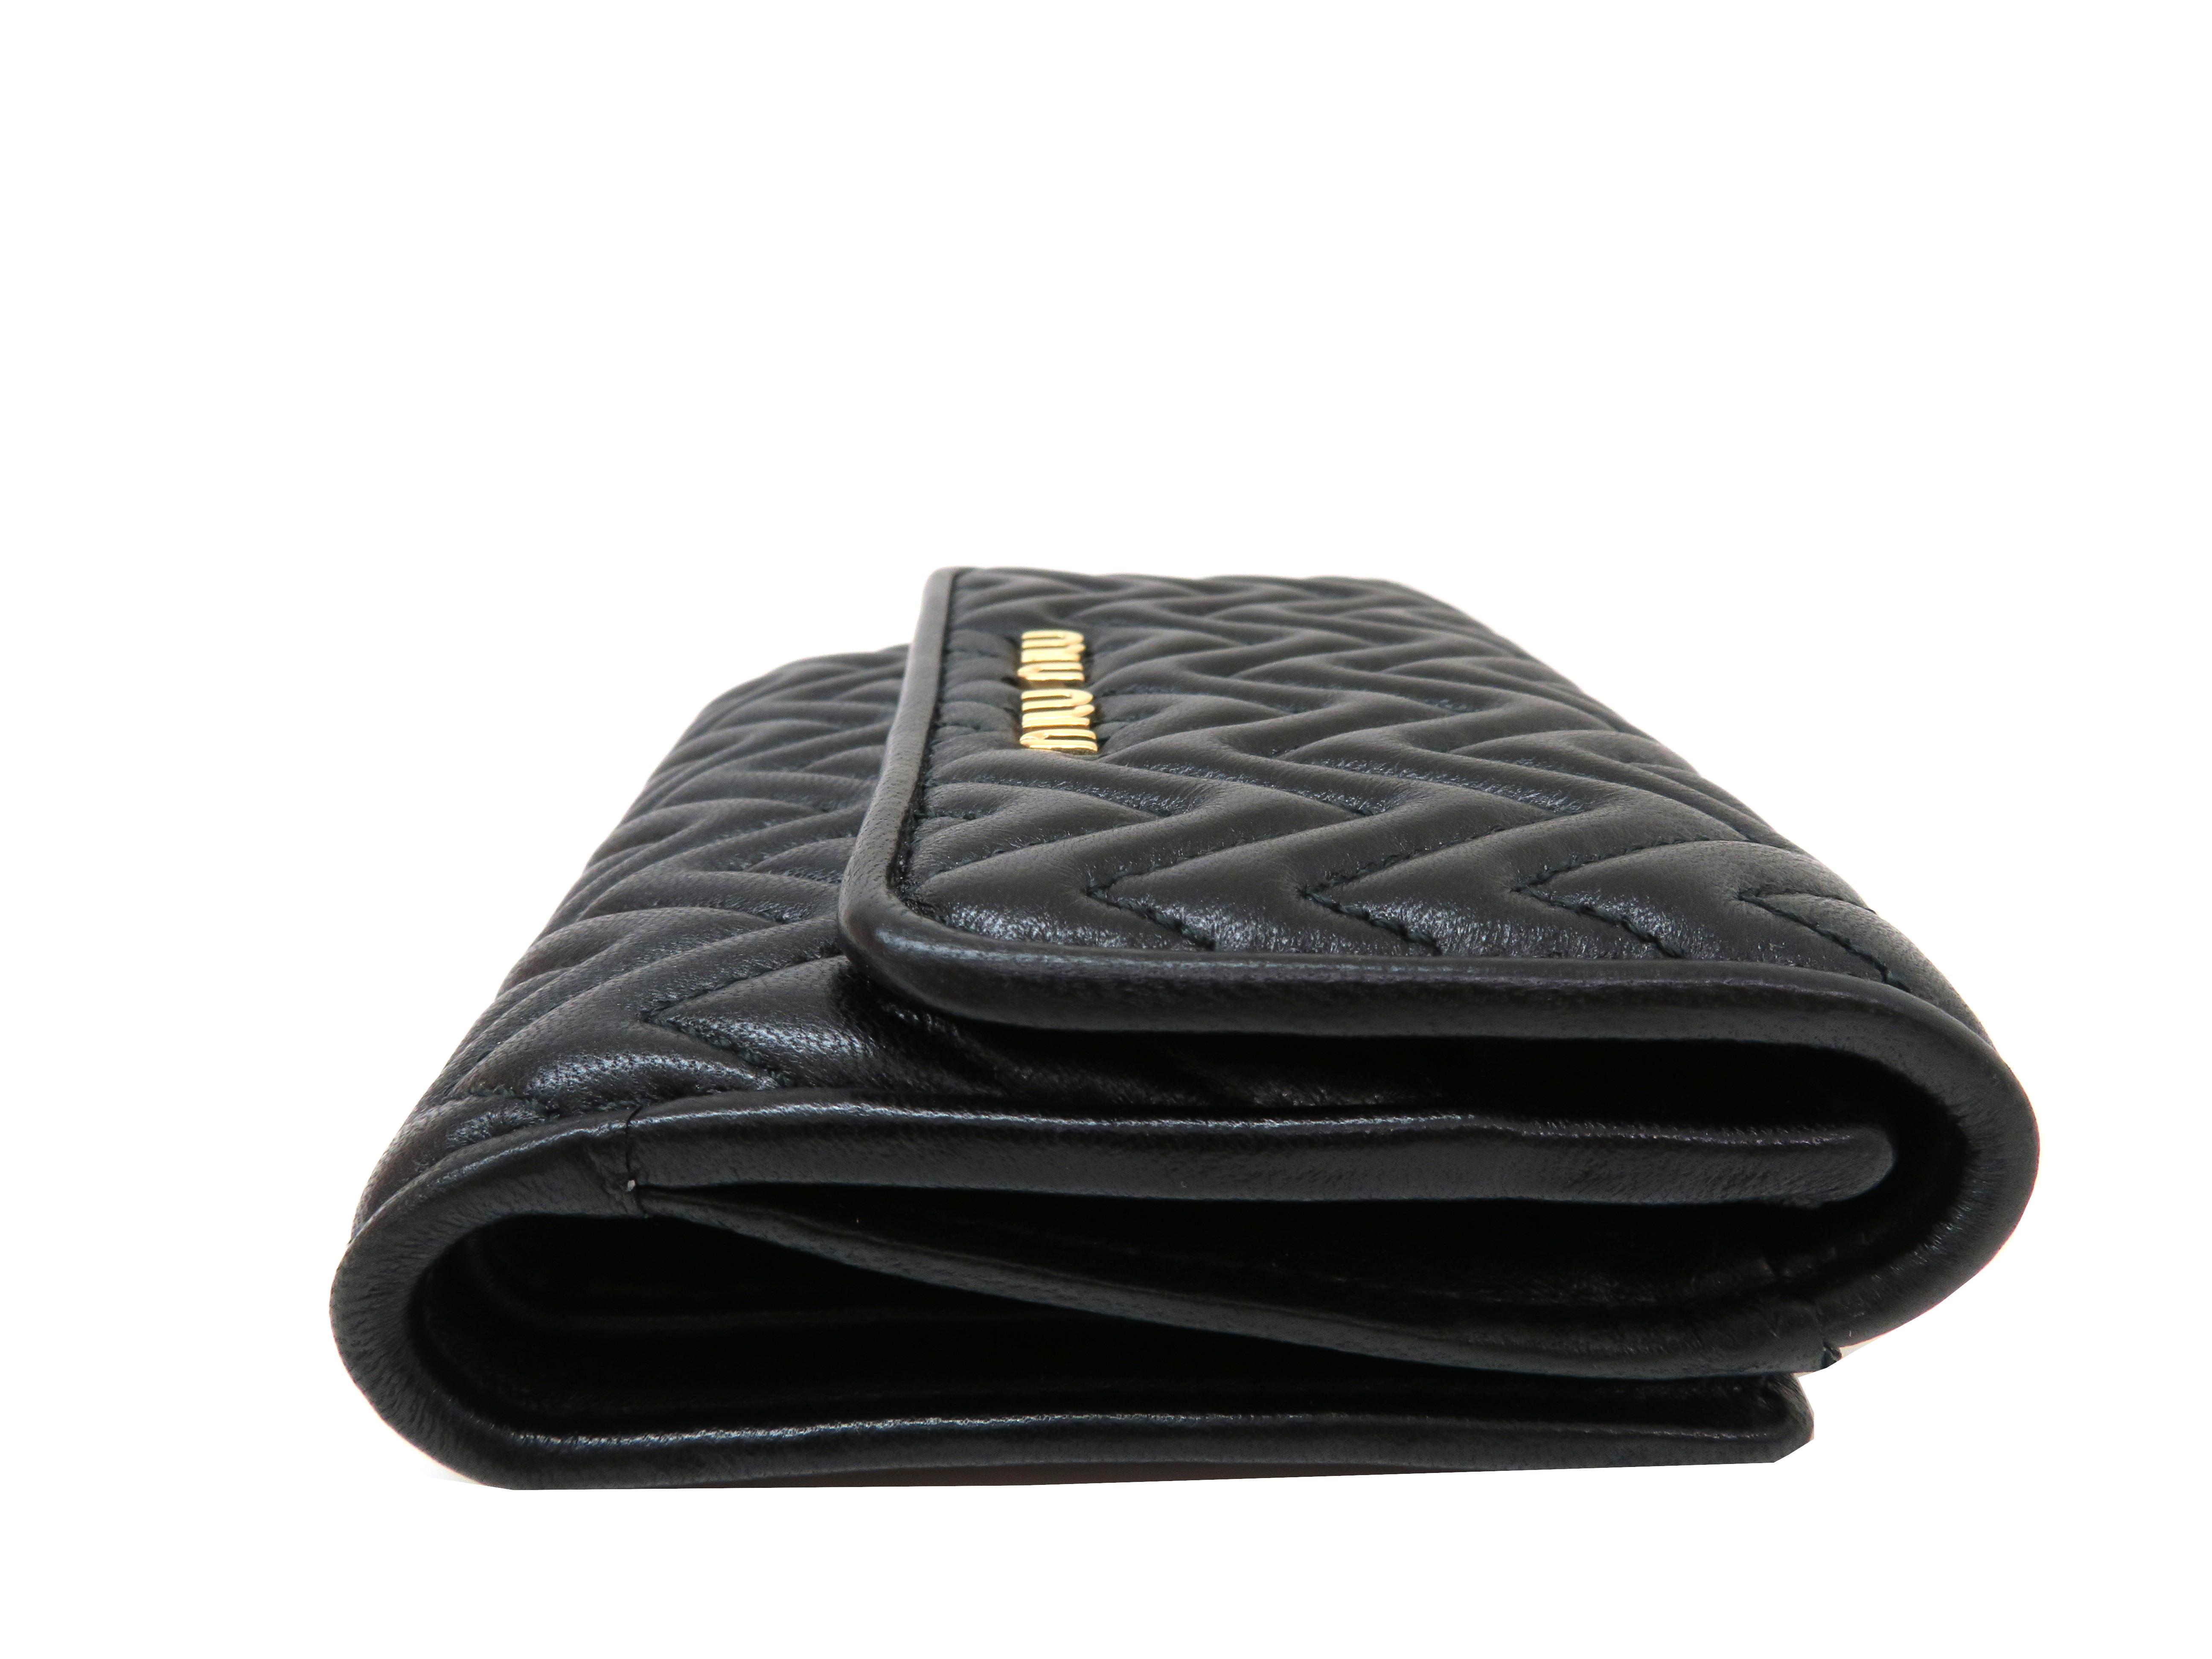 miumiu ミュウミュウ 財布 Wホックコンパクト財布 ブラック ラムスキン 5MH523 【204】 image number 2